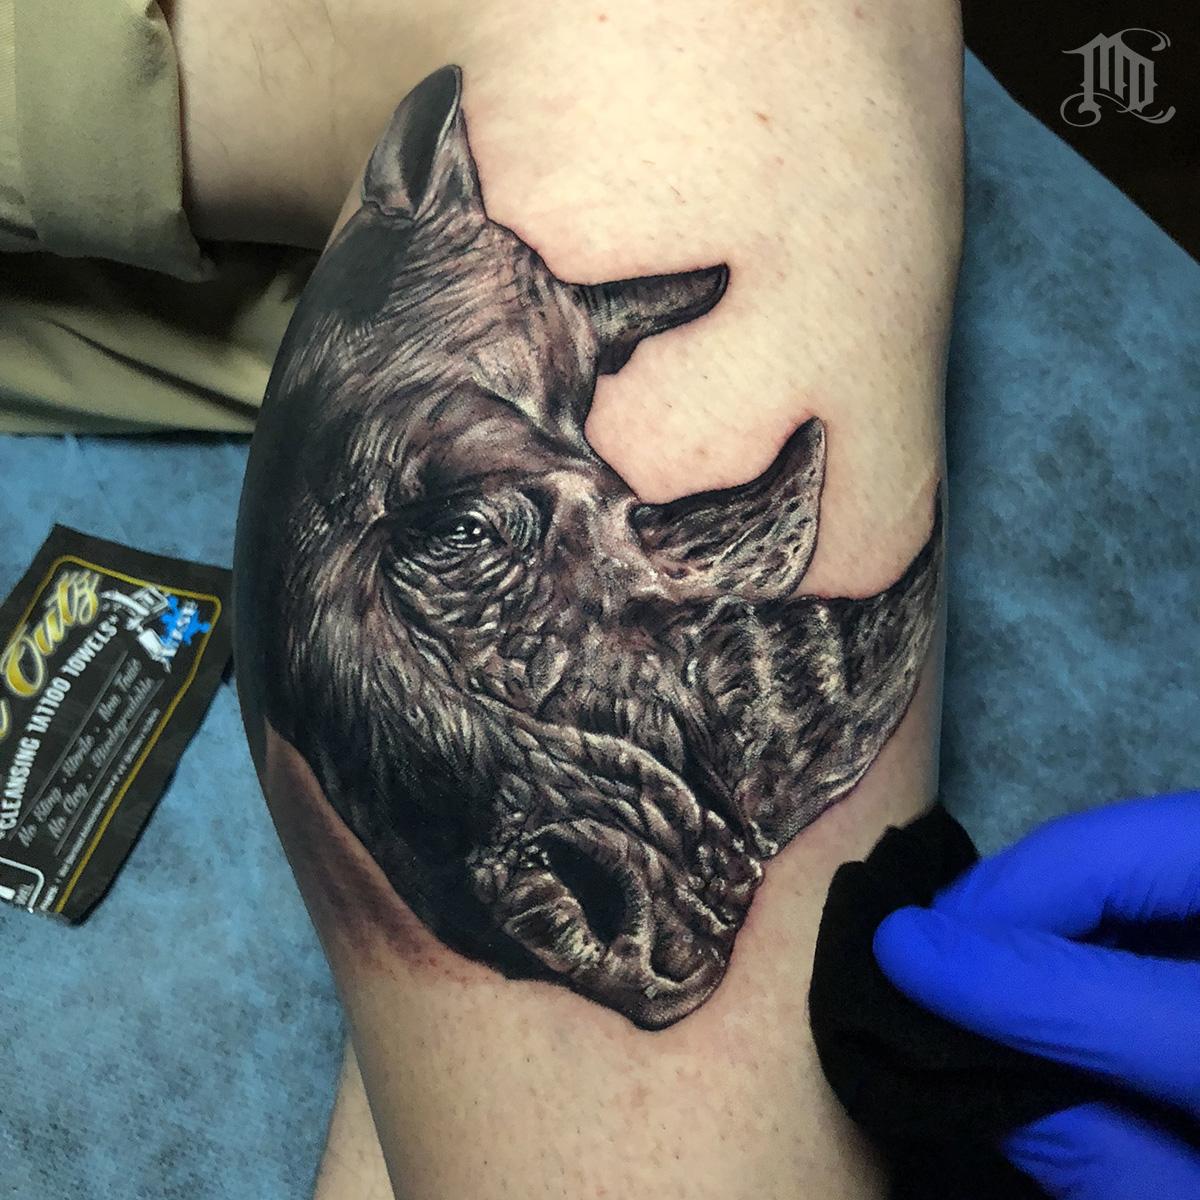 Mike DeVries – MD Tattoo Studio